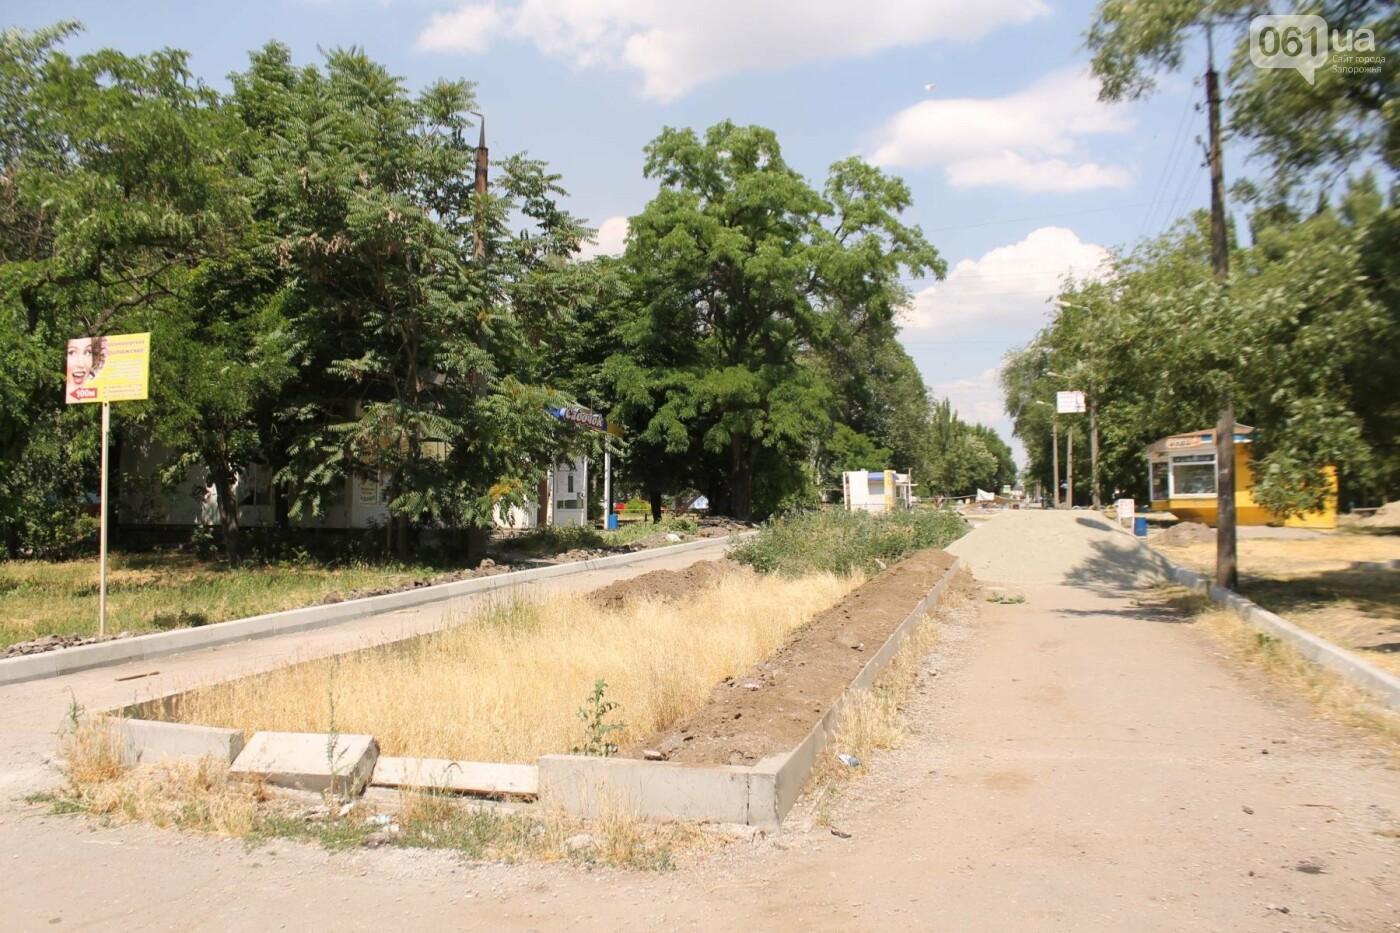 На Якова Новицкого в Запорожье возобновили реконструкцию пешеходной аллеи: обещают закончить до конца лета, – ФОТОРЕПОРТАЖ, фото-18